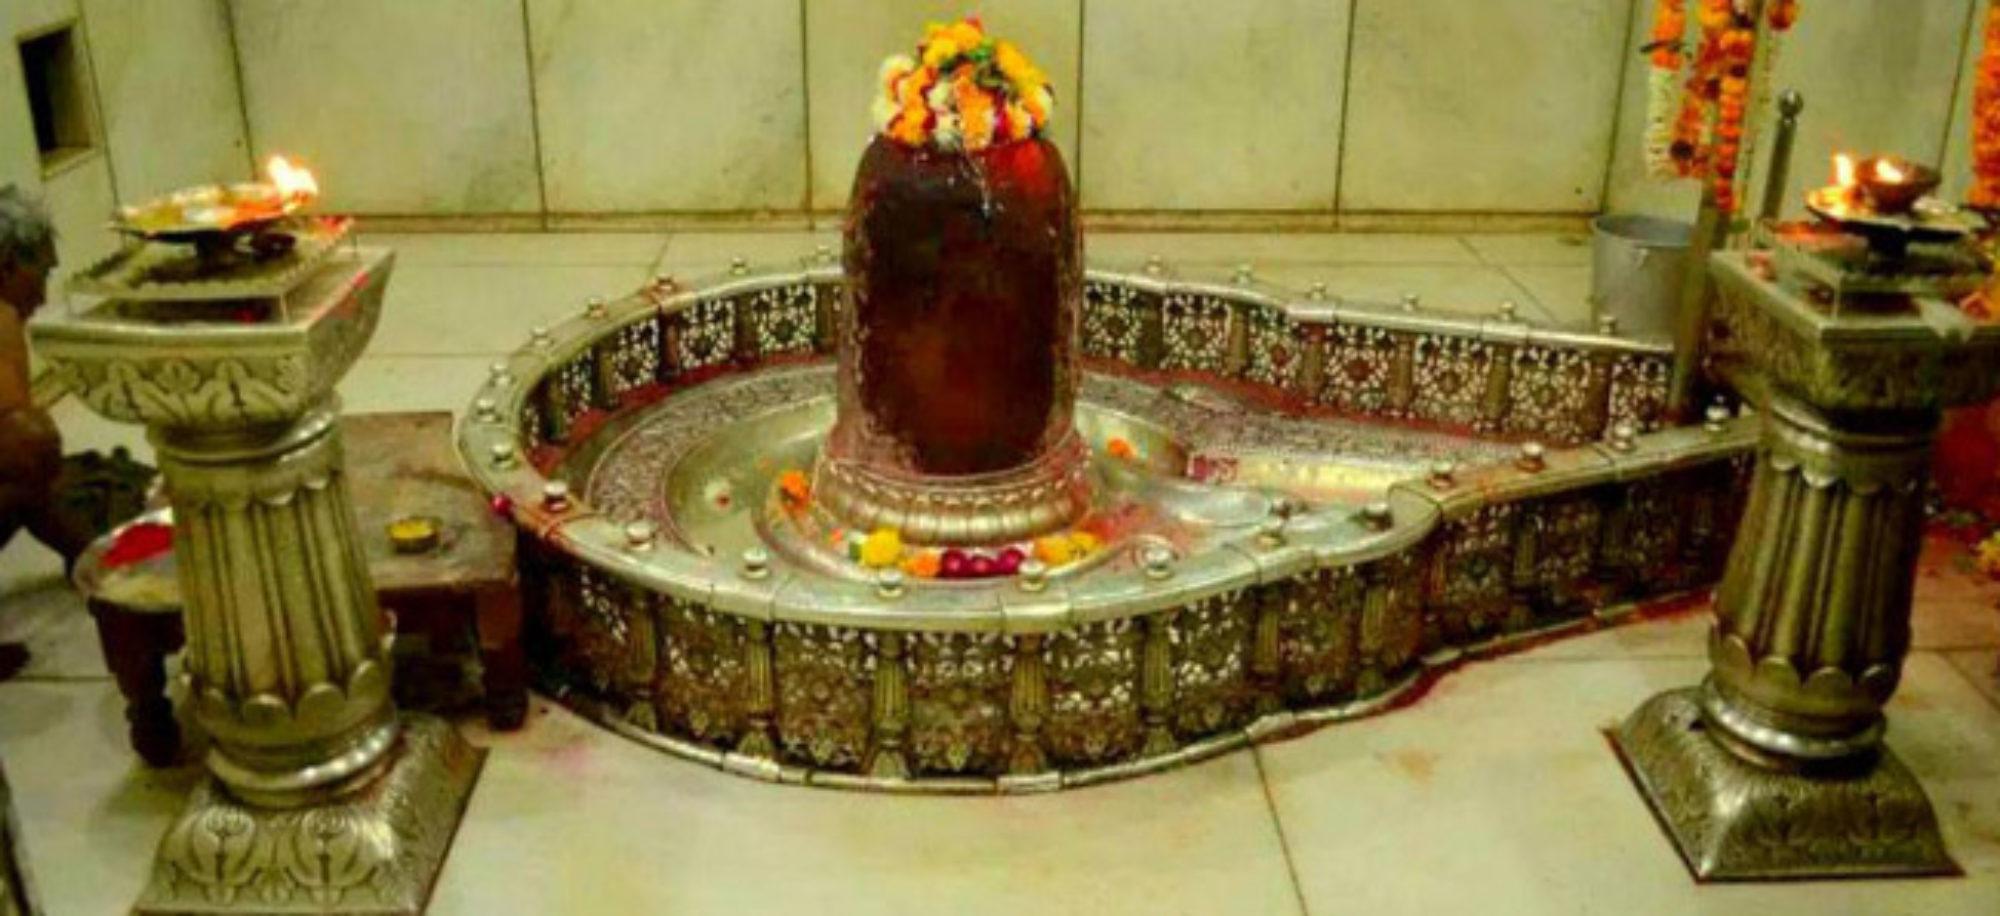 Ujjain Poojan - उज्जैन पूजन- पंडित निर्मल जी शास्त्री- 9109707666